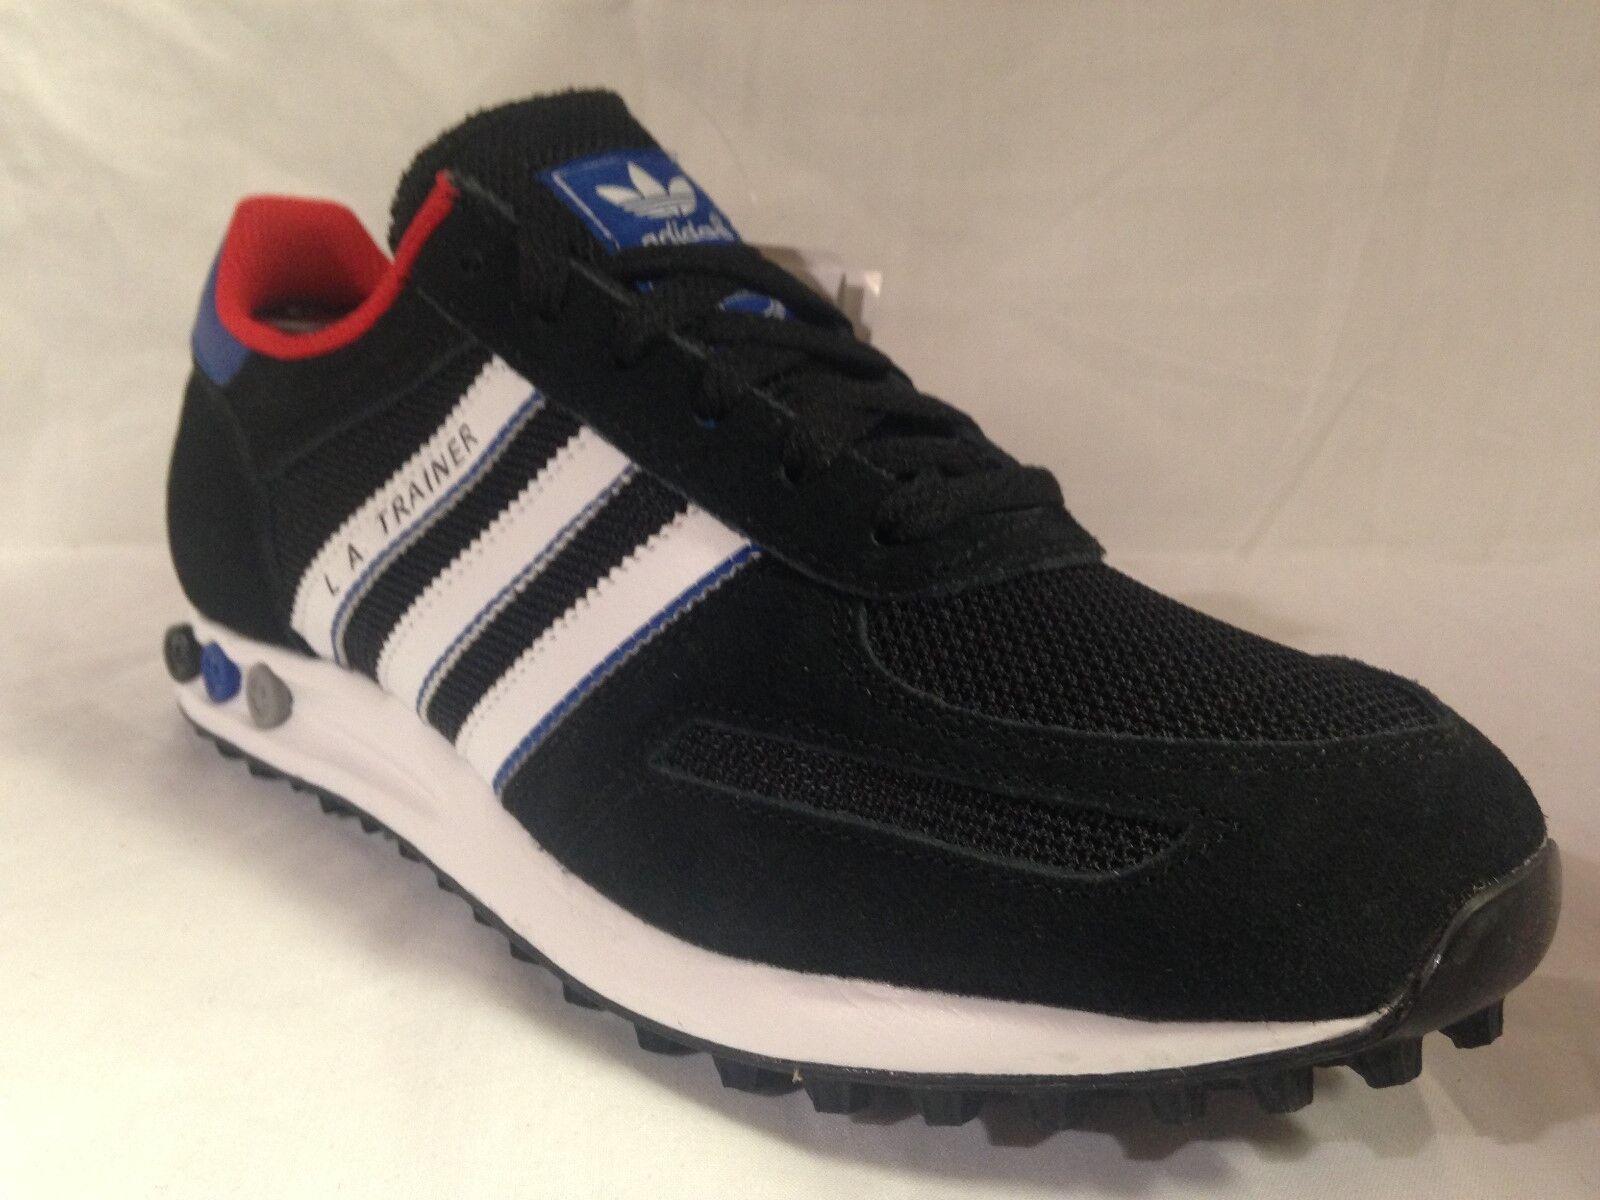 Adidas La Entrenador De Hombre Negro/Blanco/Royal AQ6793 tamaños _ 7 8.5 _ 7.5 _ 8.5 7 _ 10.5 add488